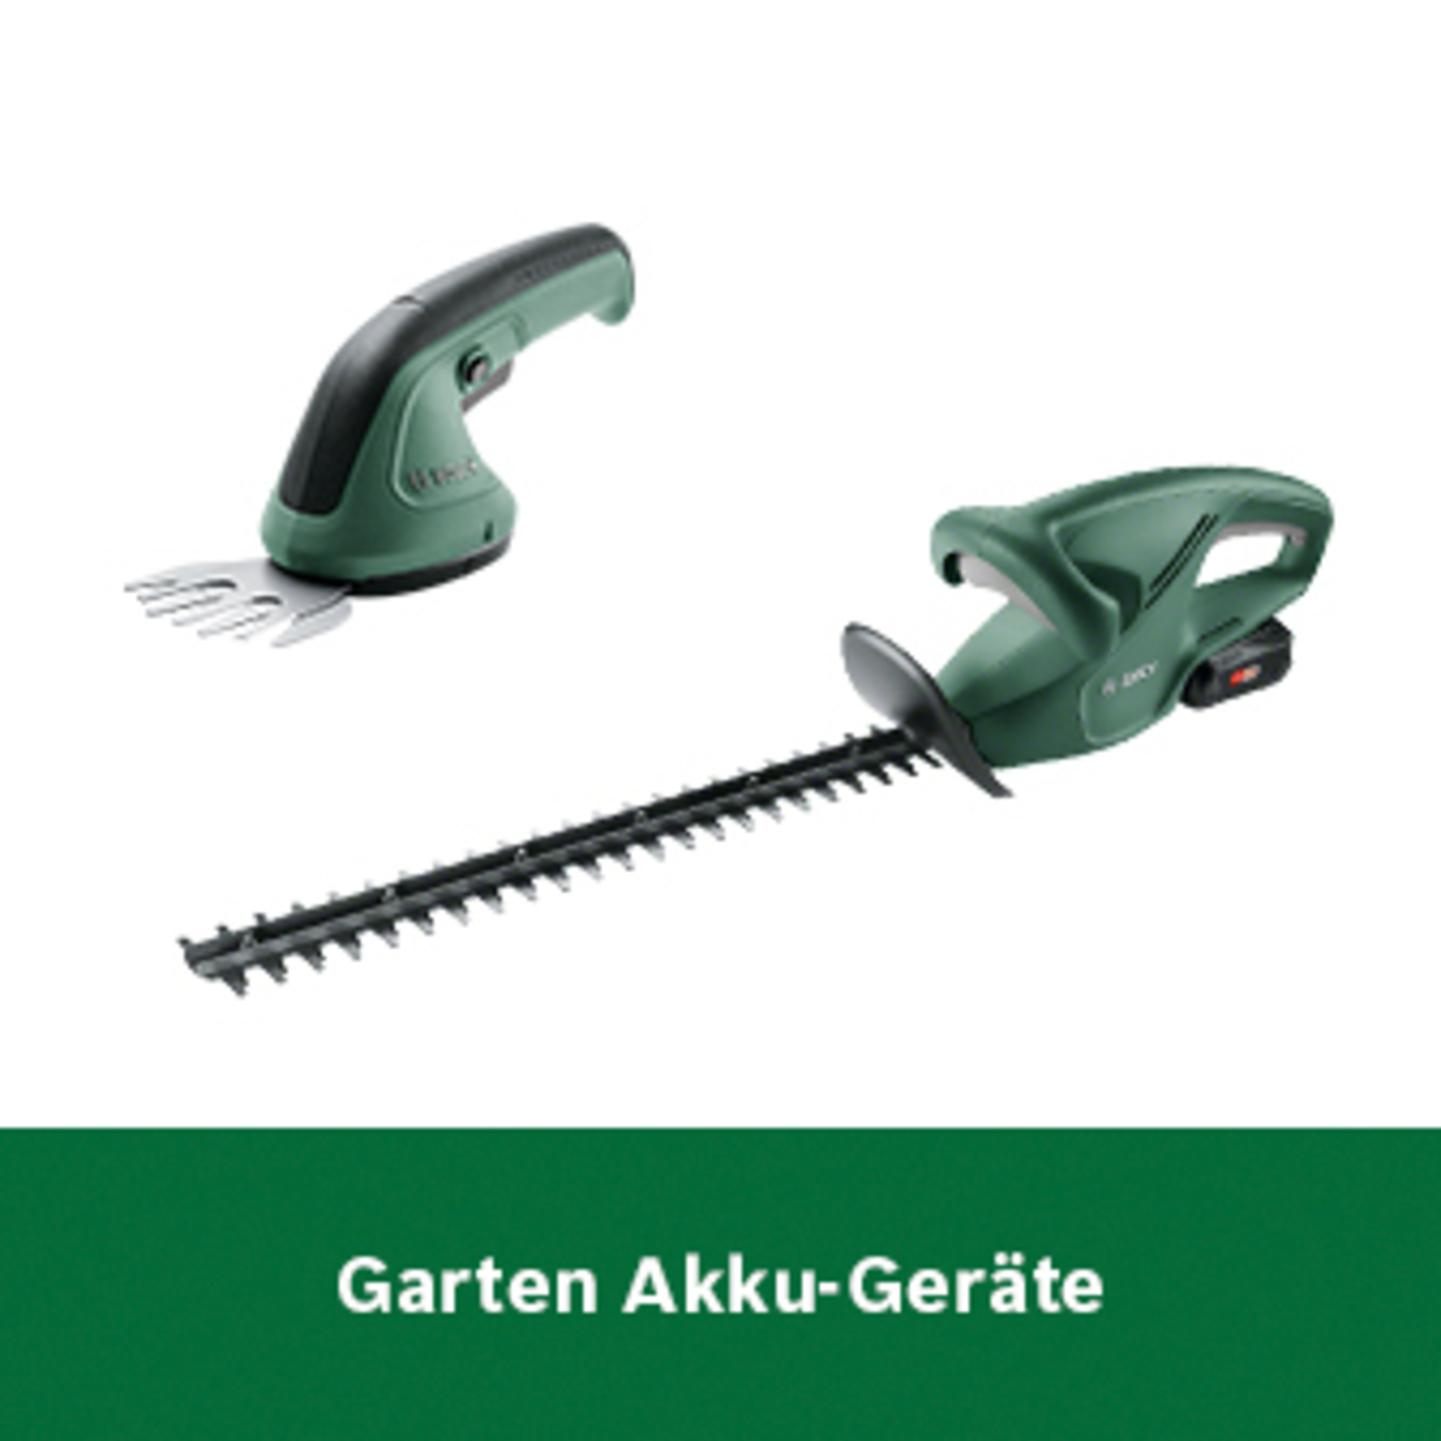 Bosch Garten Akku-Geräte